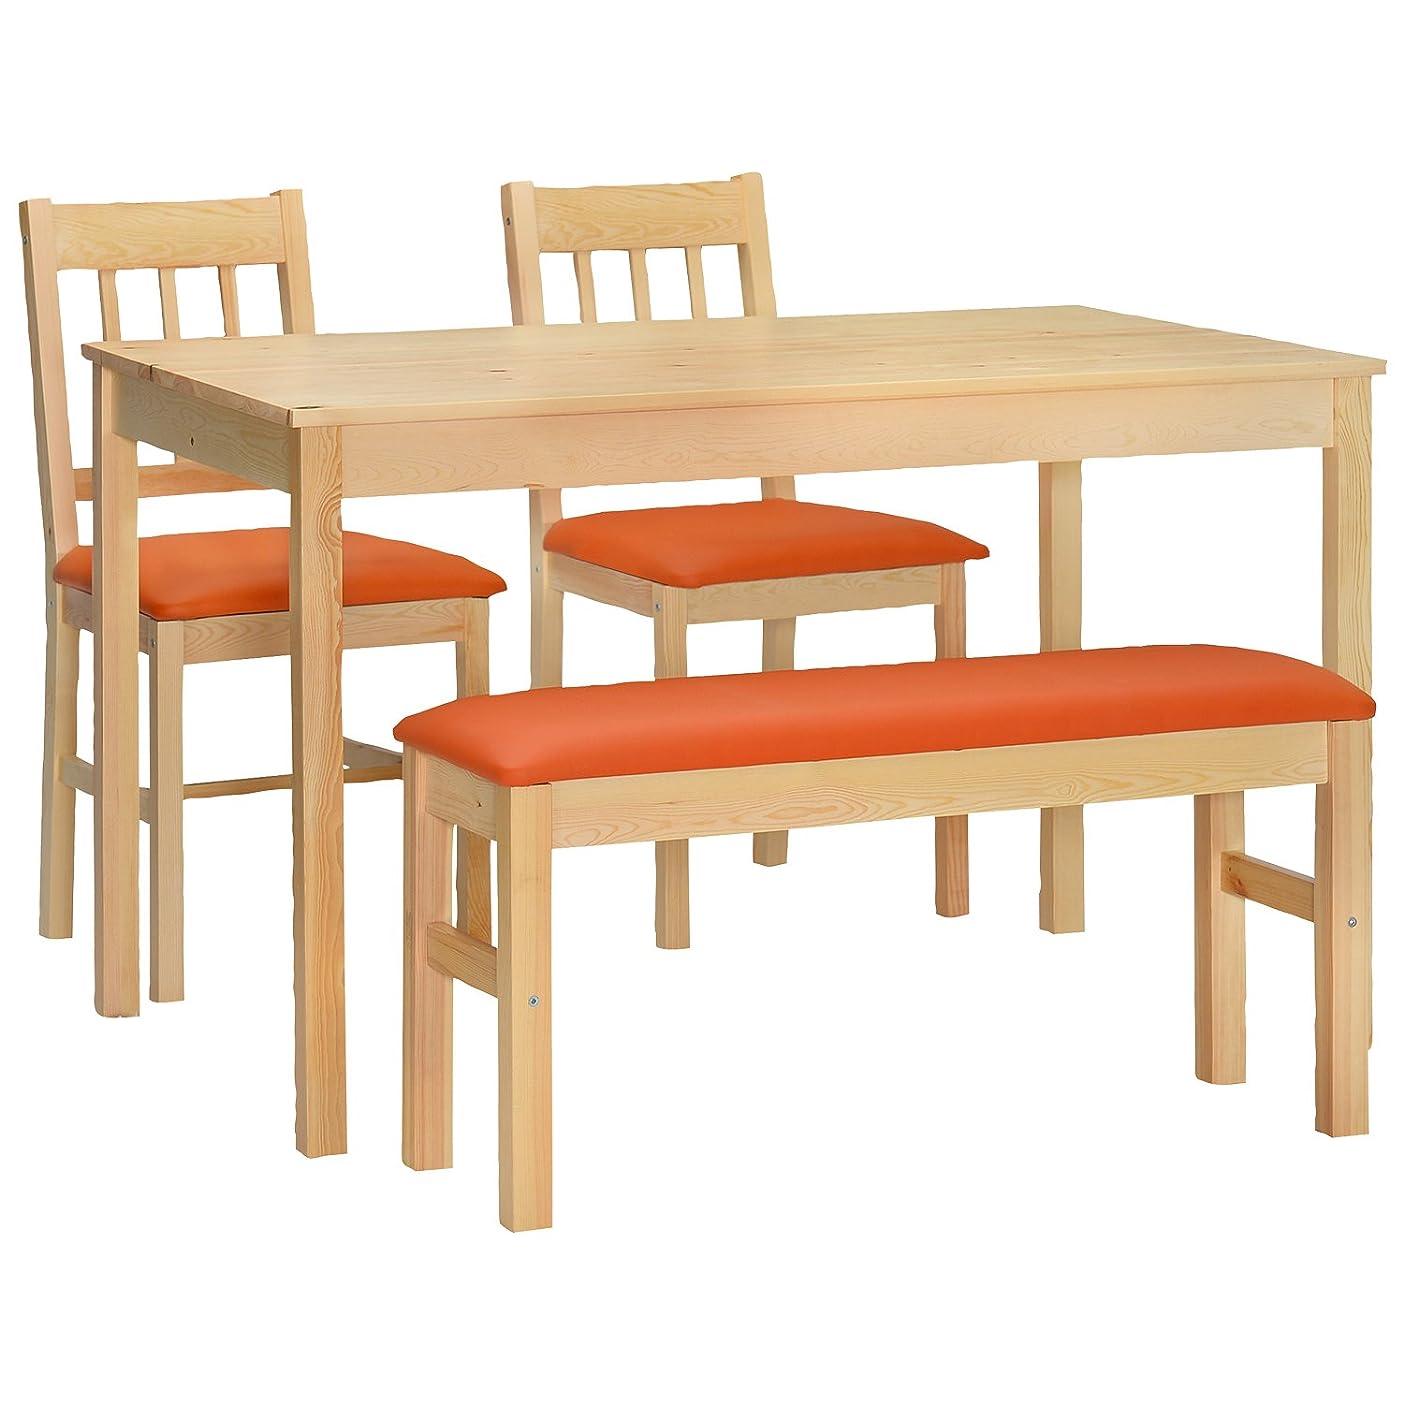 禁止する寄稿者インゲンタマリビング(Tamaliving) ダイニング4点セット ハイサイ [北欧テイスト家具/木製/ナチュラル] テーブル×1台?イス×2脚?ベンチ1台 (オレンジ) 50001568